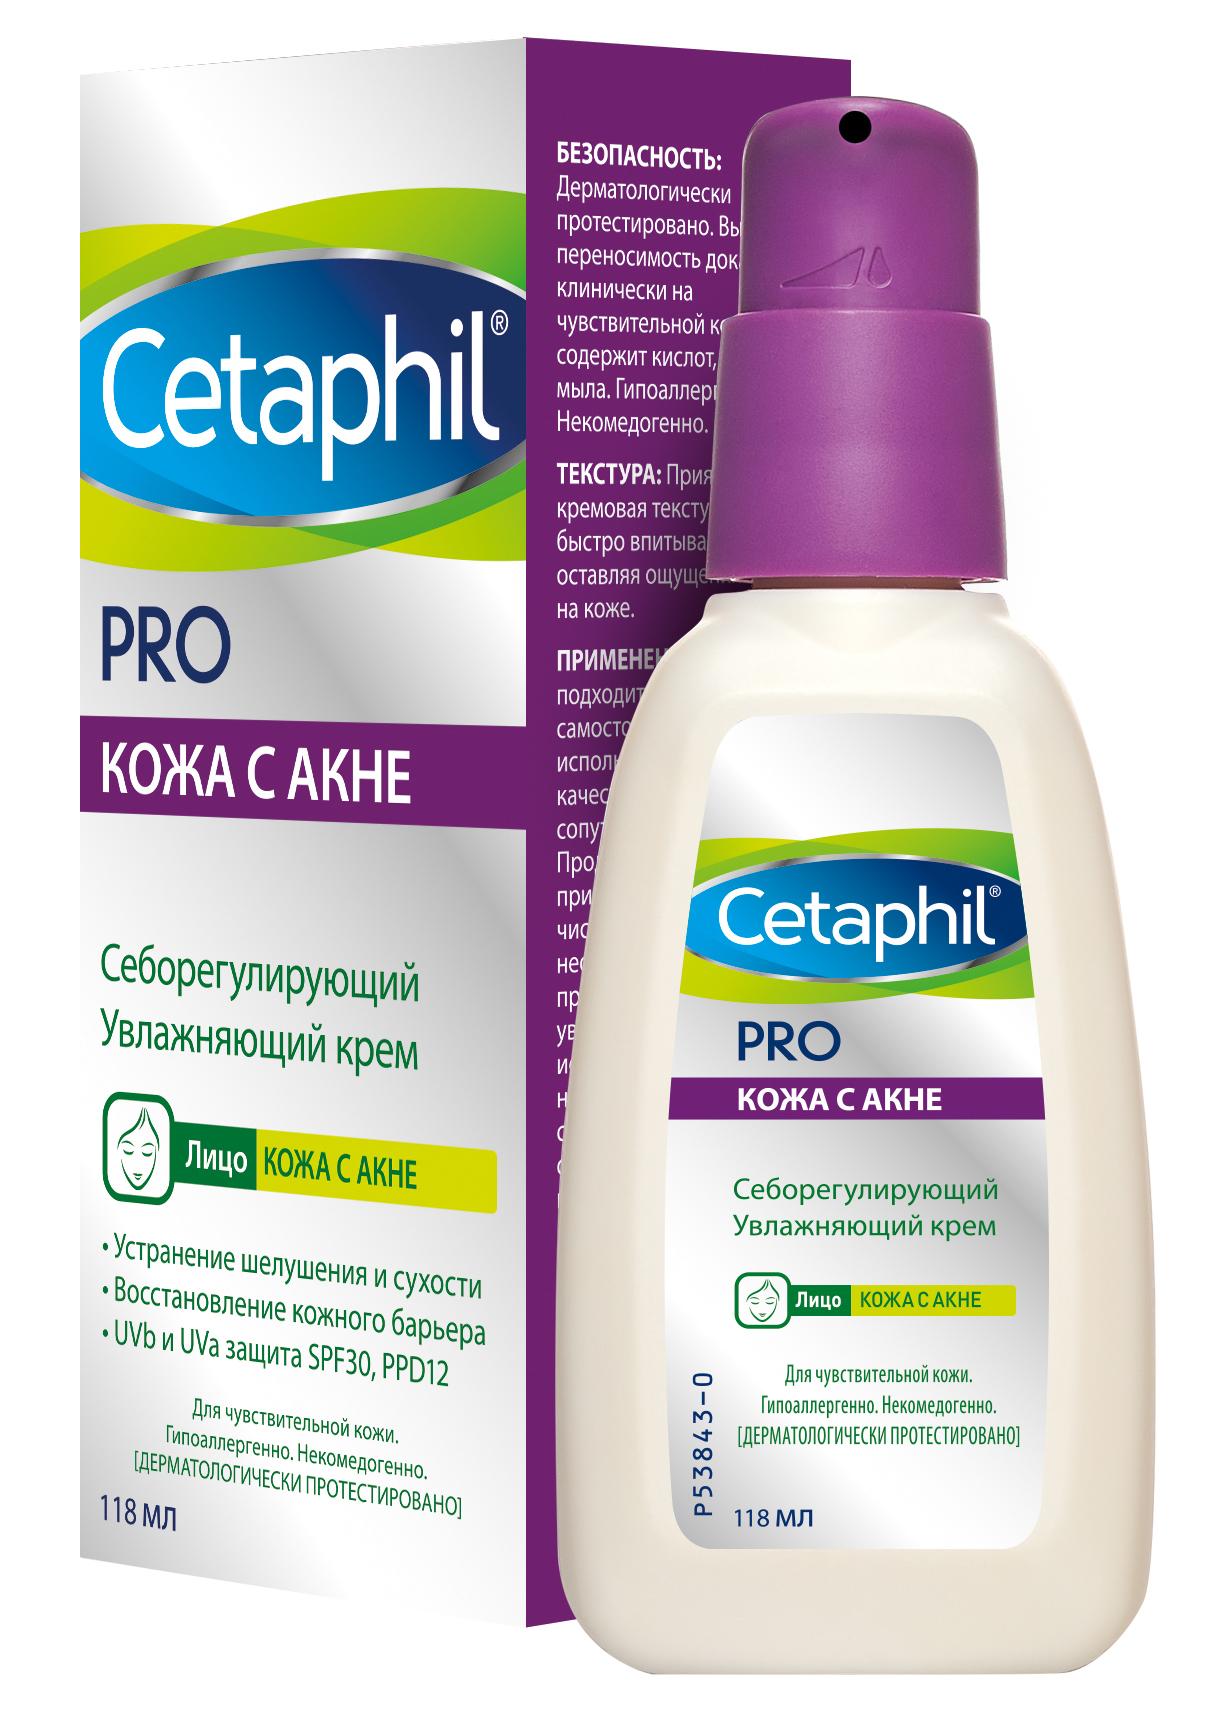 Cetaphil PRO Себорегулирующий увлажняющий крем-гель 118мл